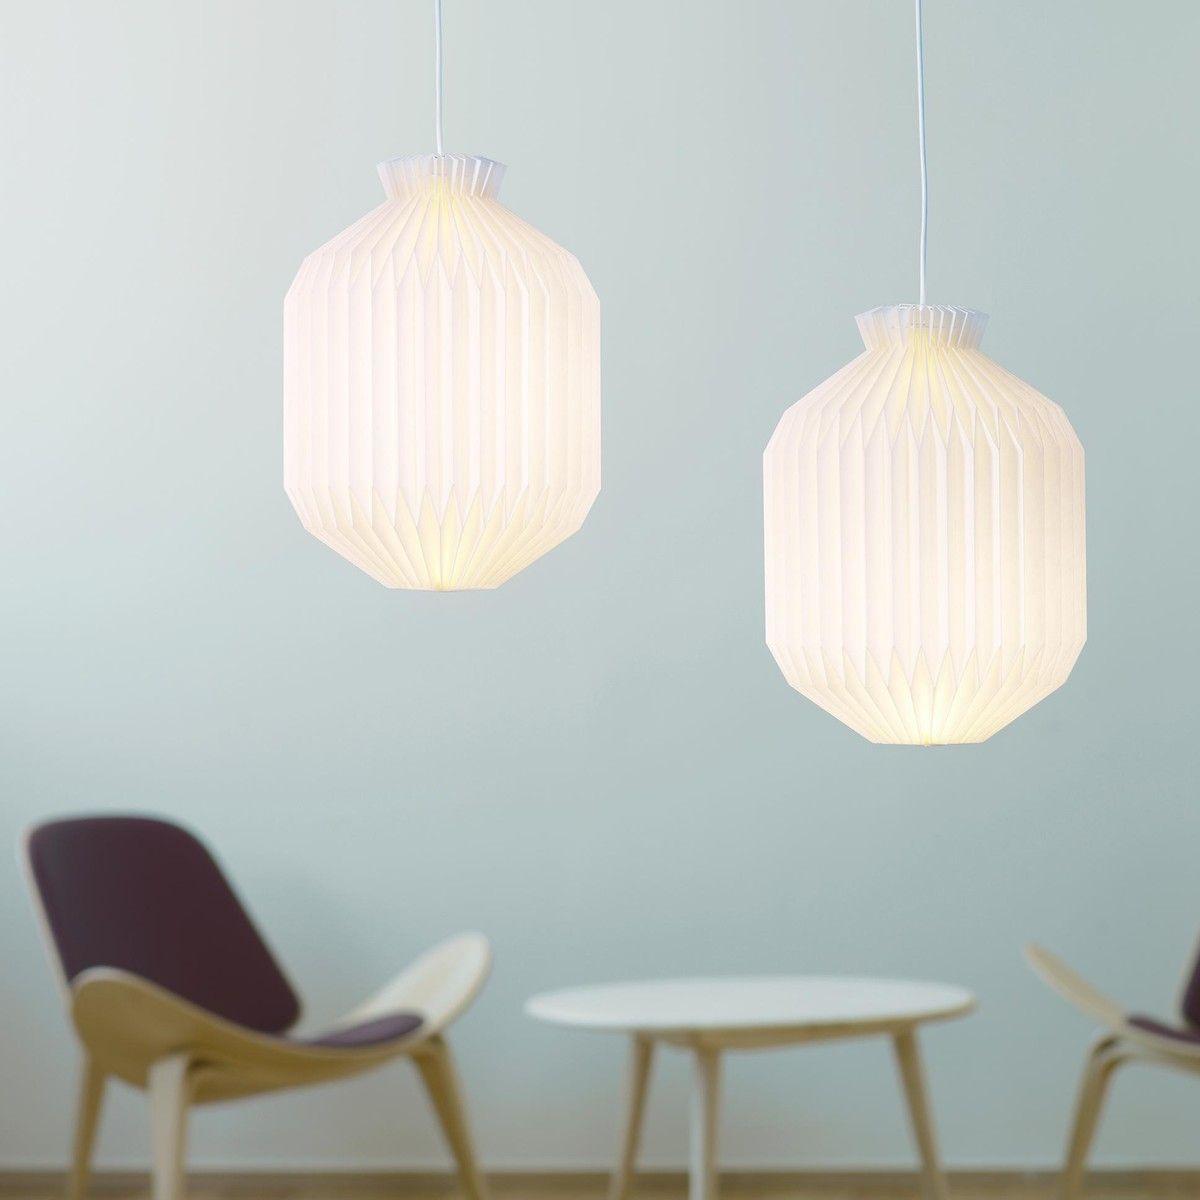 Le Klint - Le Klint 105 Suspension Lamp